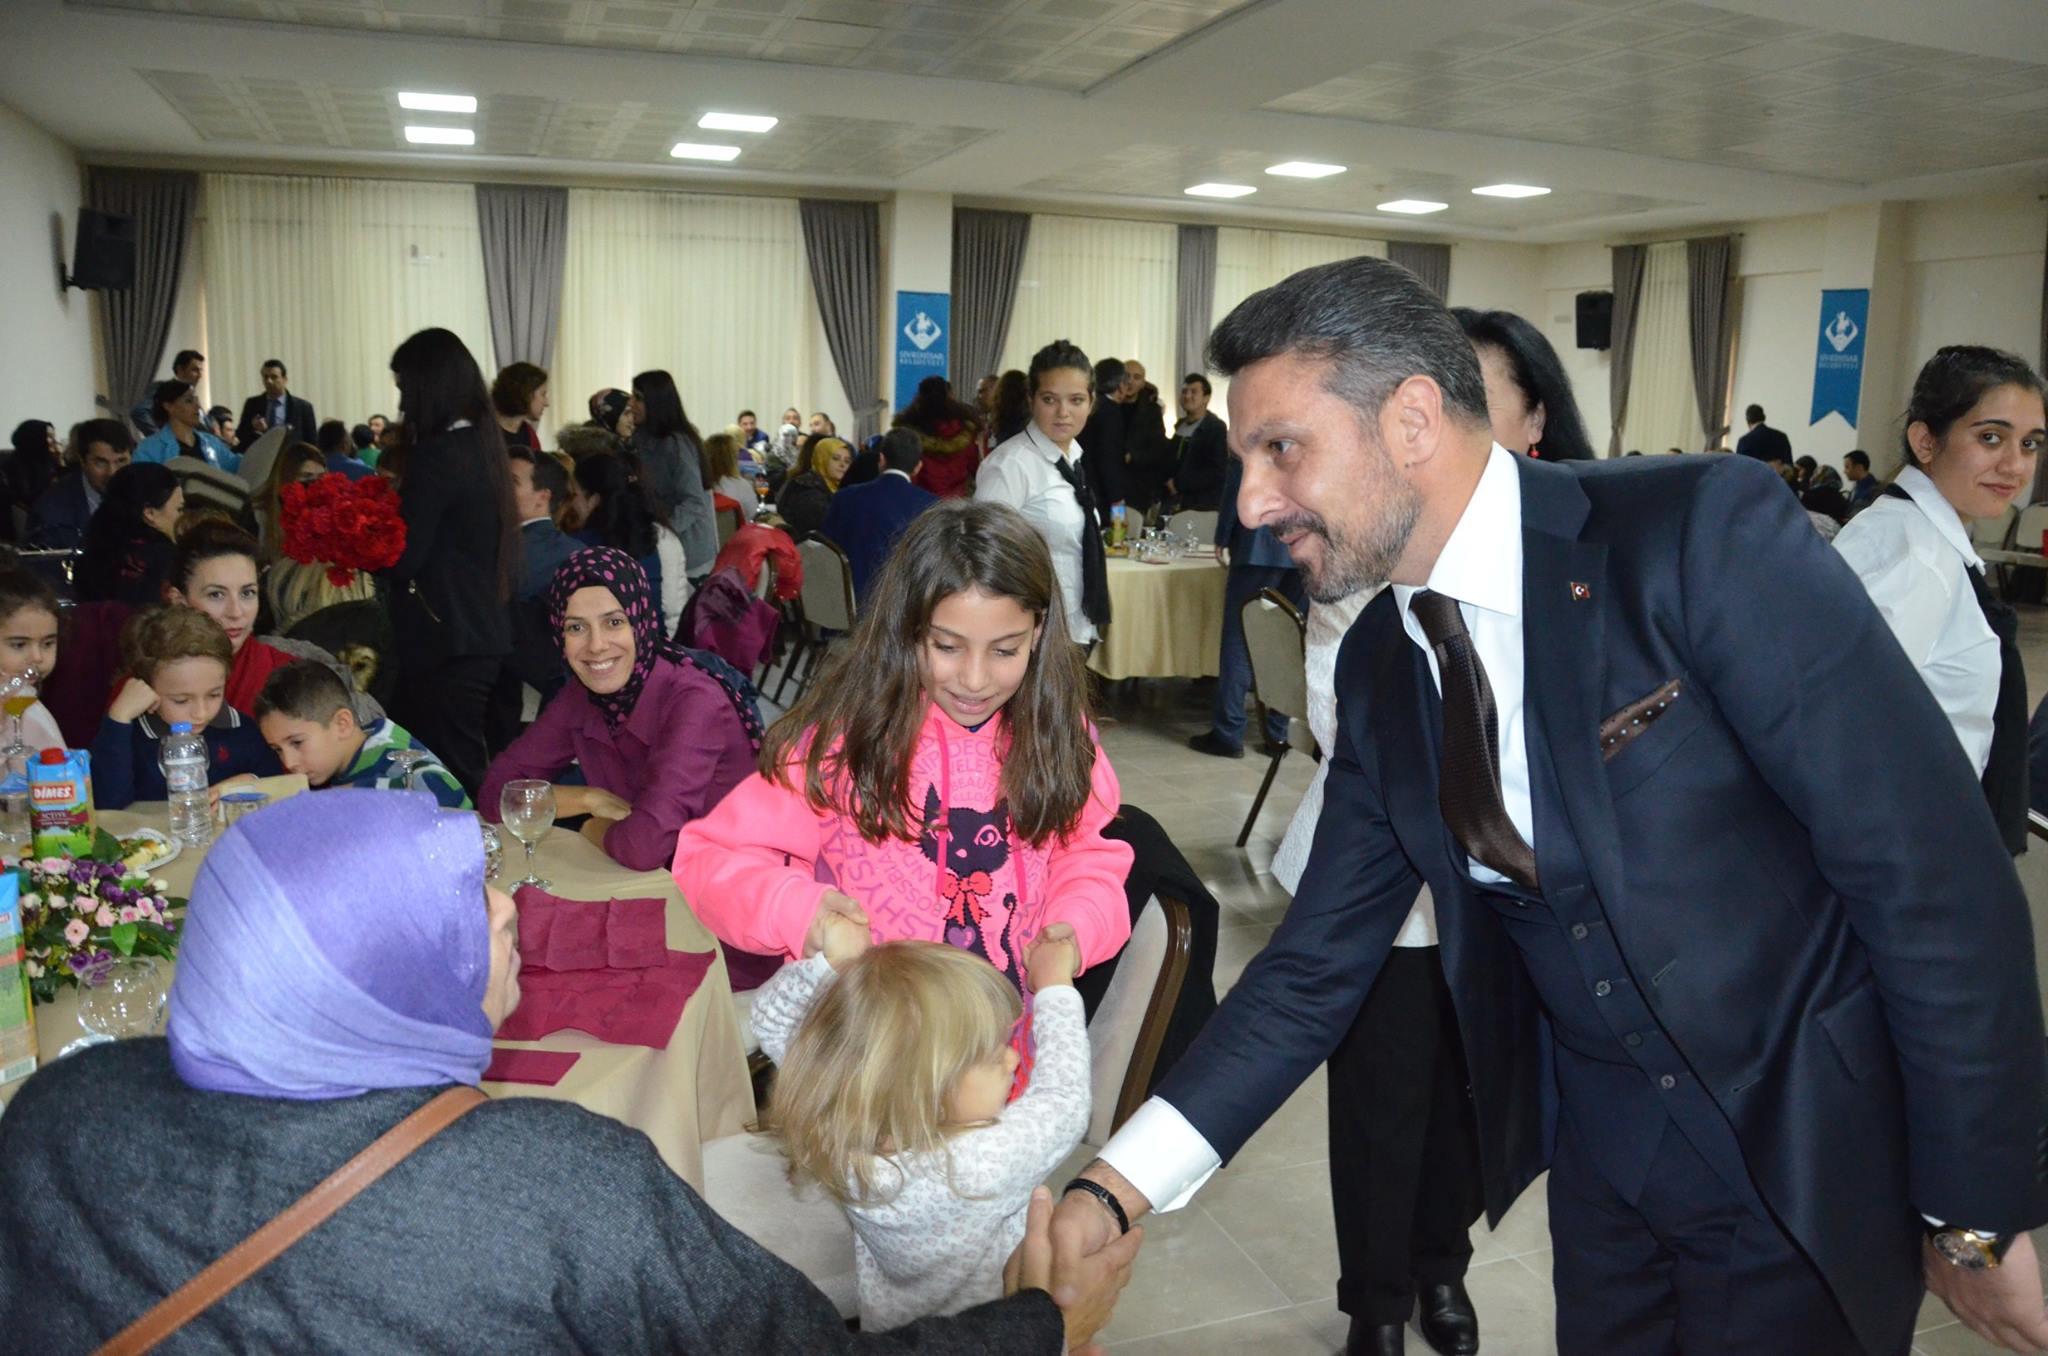 24 Kasım Öğretmenler Günü Programı Belediyemiz Salonunda Düzenlendi